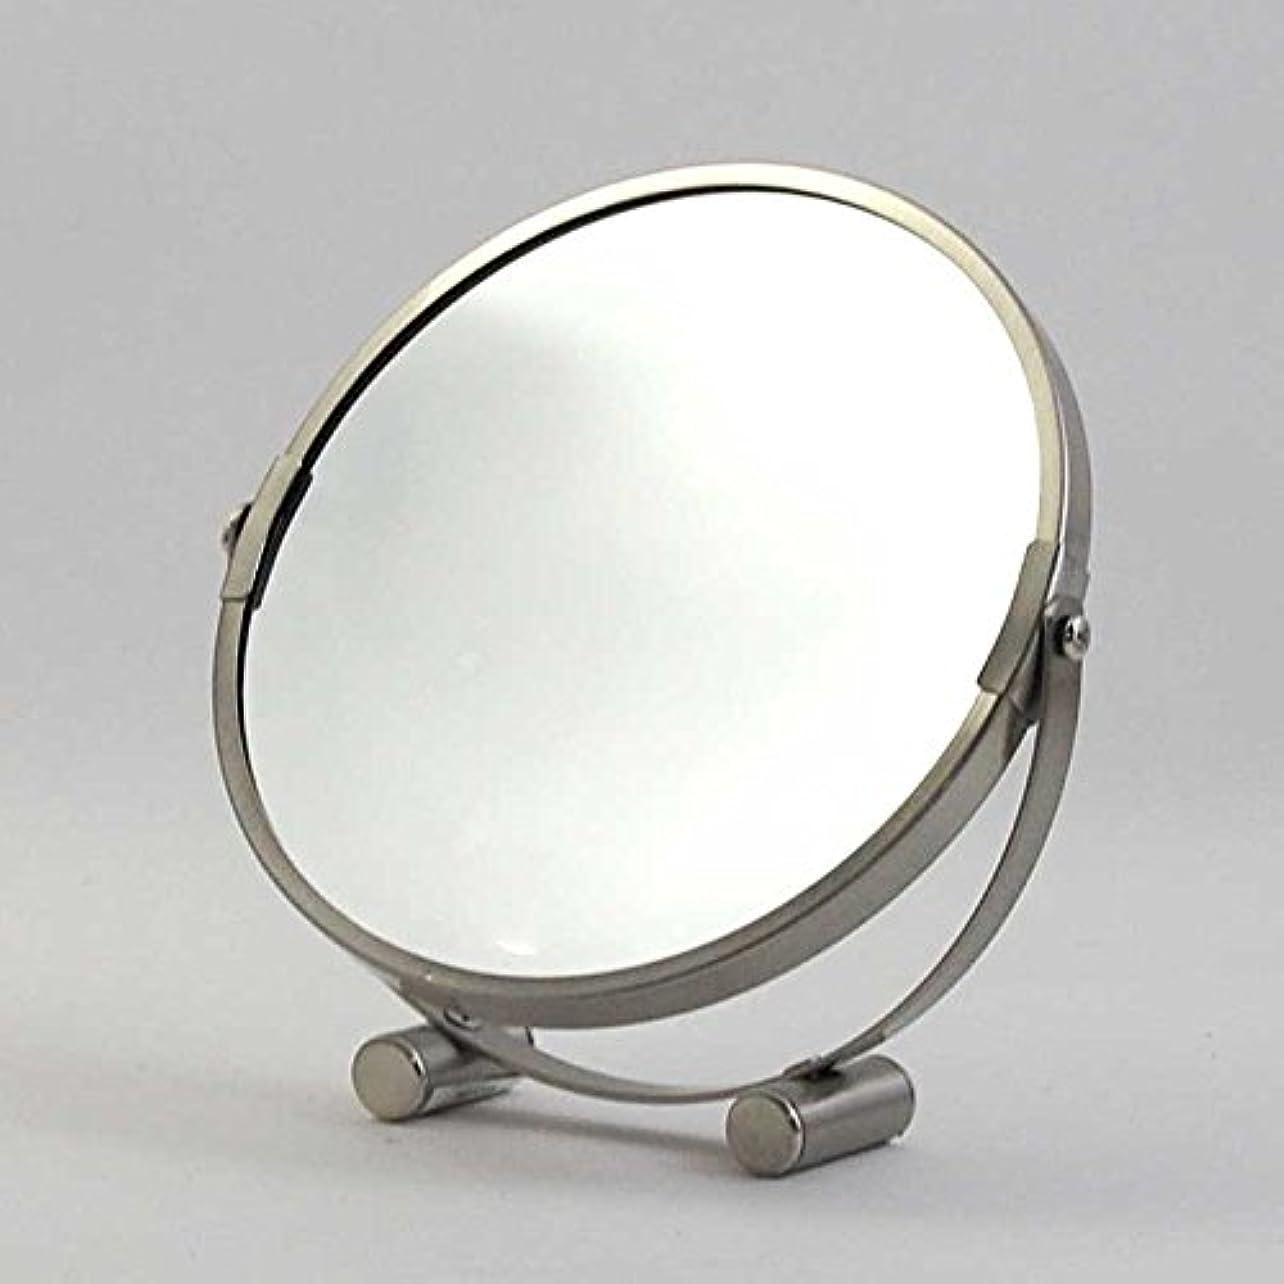 ささやき鮫おんどり卓上ミラー ダルトン ROUND MIRROR ラウンド ミラー A655-723 丸型 両面鏡 拡大鏡付